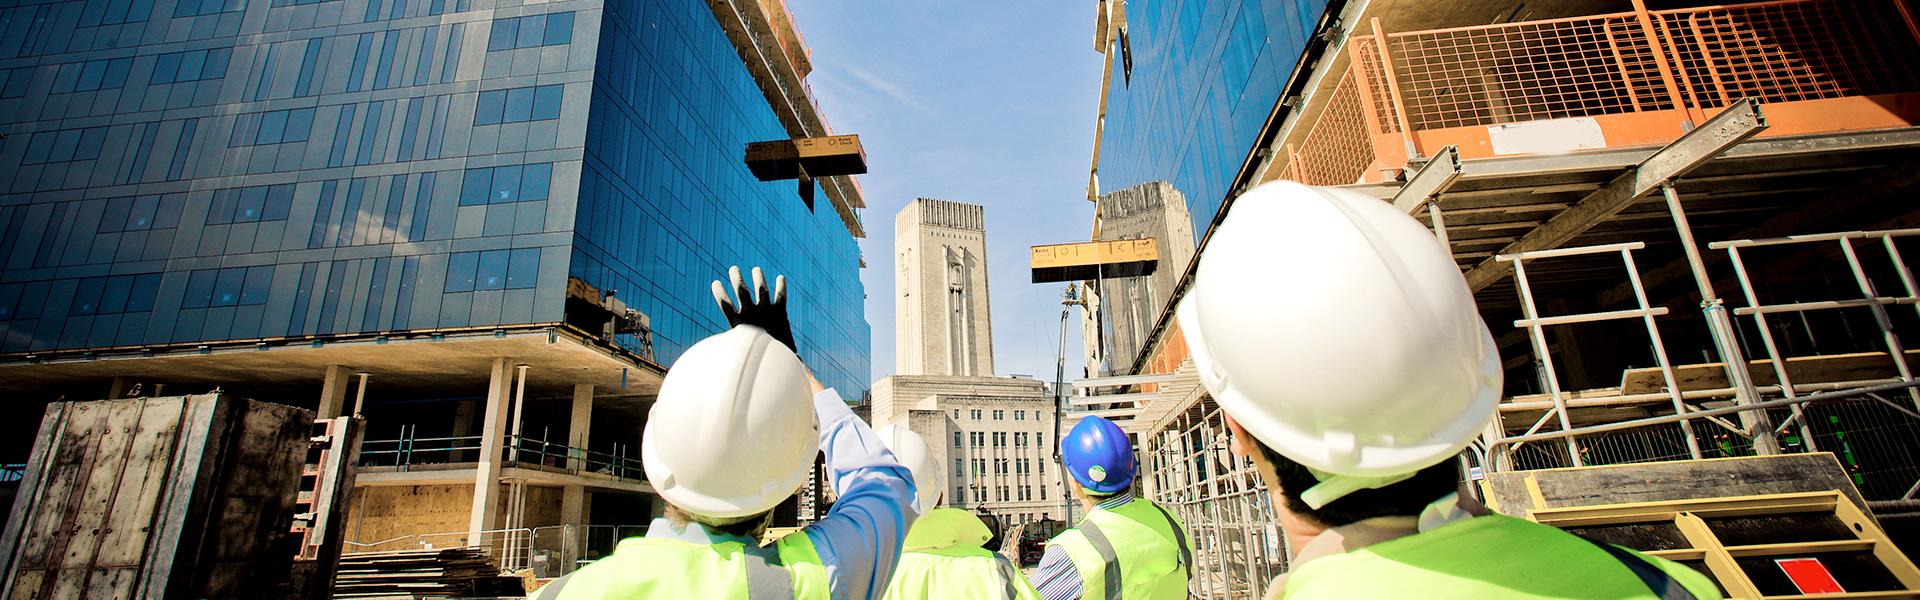 Робота Чехія будова | Терміново потрібні муляри і штукатури машинкою